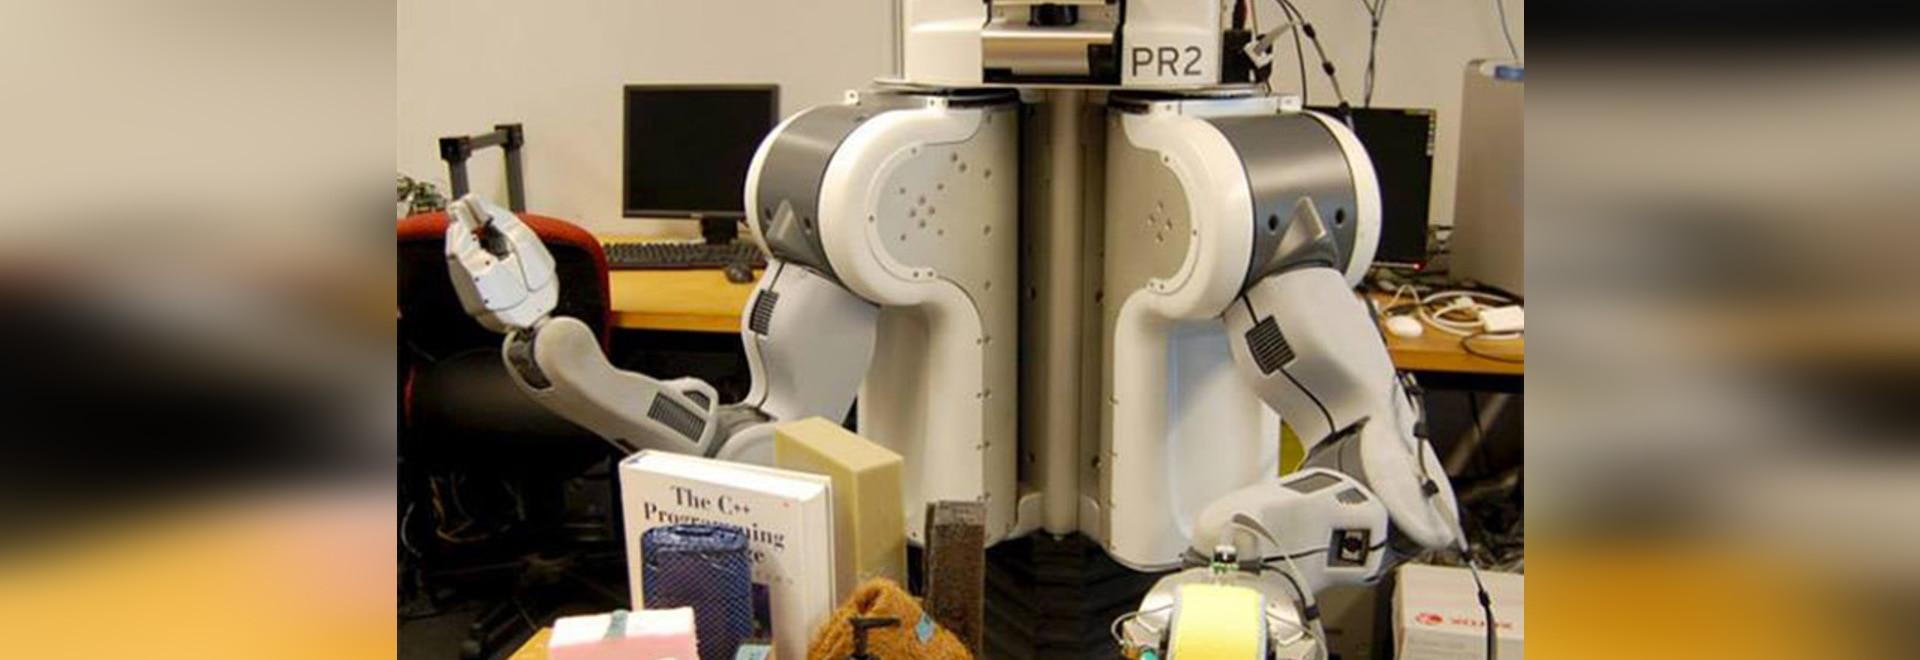 ROBOTER PR2 DURCH UNIVERSITÄT VON PENNSYLVANIEN? GRUPPE UND UC BERKELEY S-HAPTICS